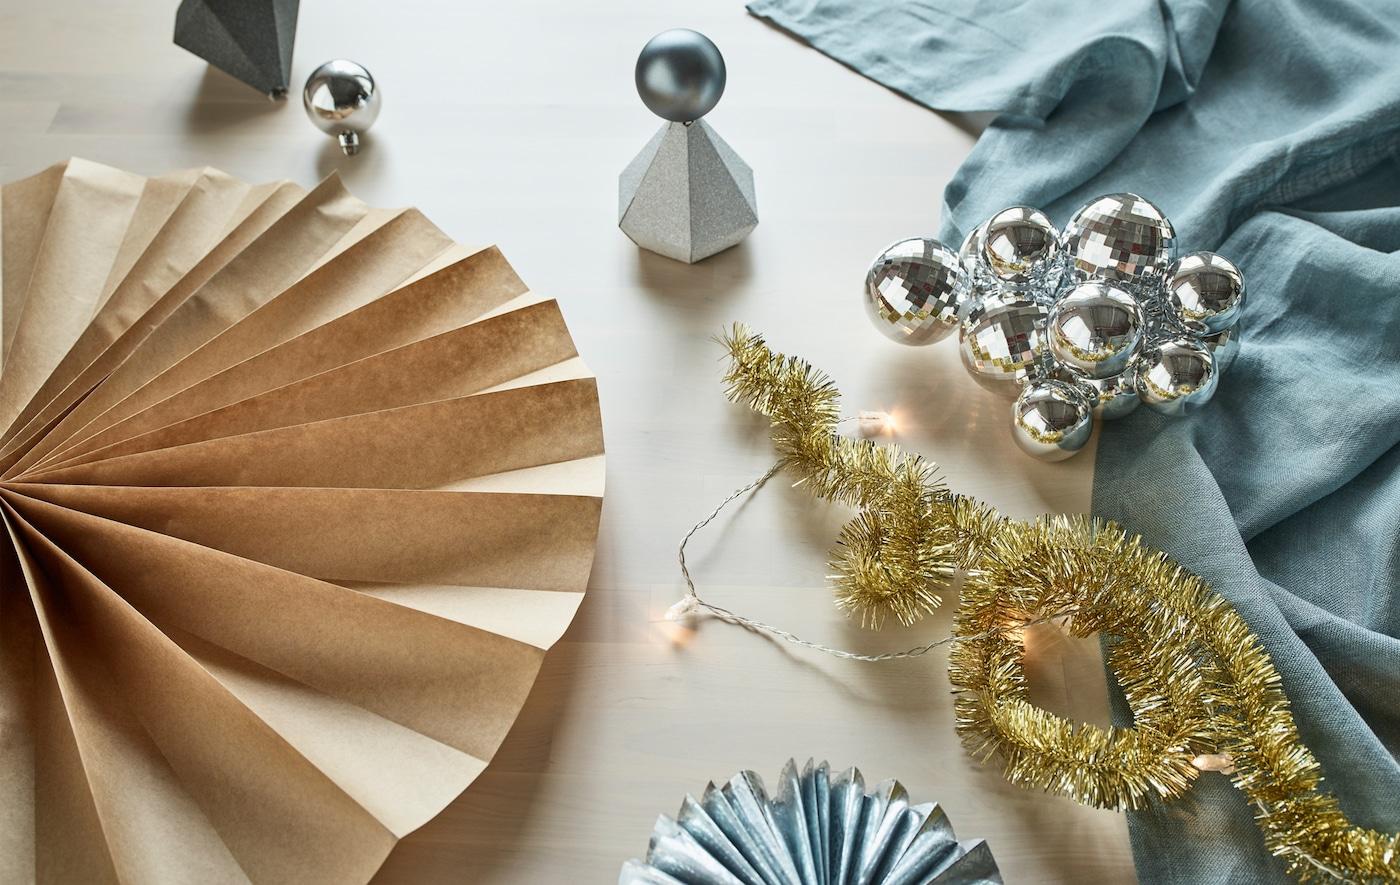 Per Capodanno decora le pareti e la tavola riutilizzando i prodotti IKEA per il Natale,  carta e scatole regalo color argento e le palline decorative.